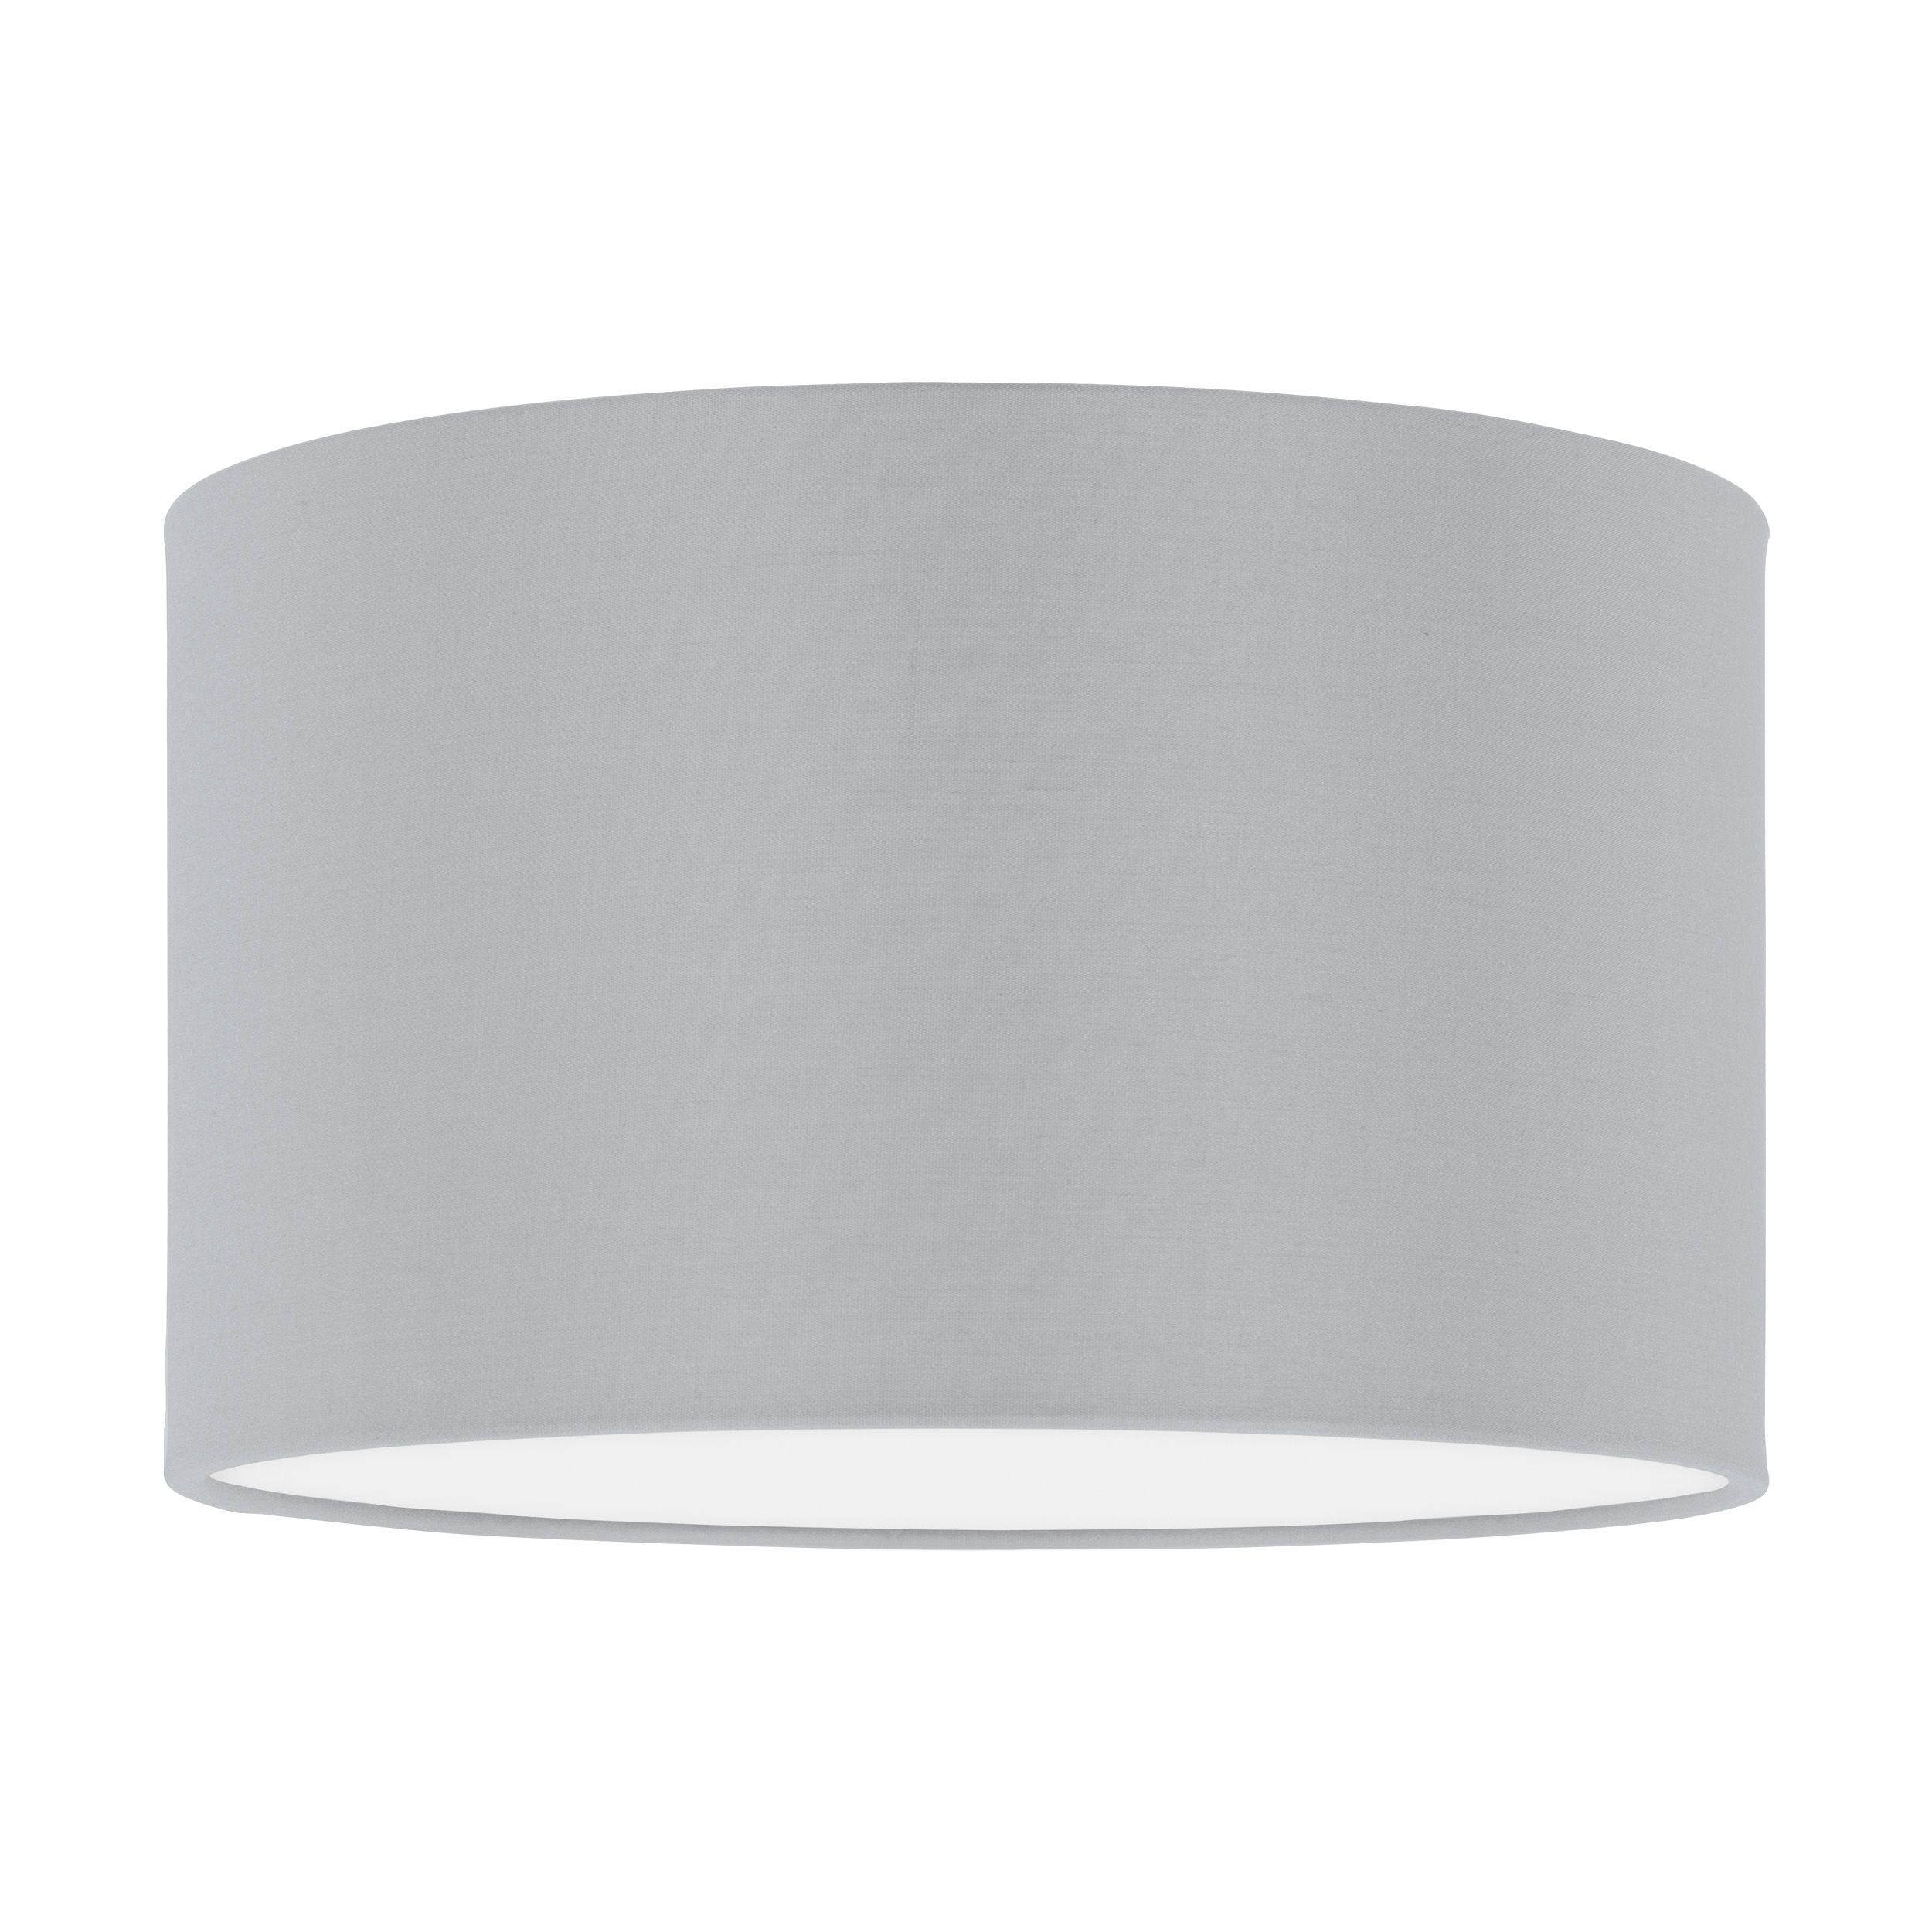 1 Stk Schirm Pasteri Pro inkl. Diffuser grau/weiß  LI62667---